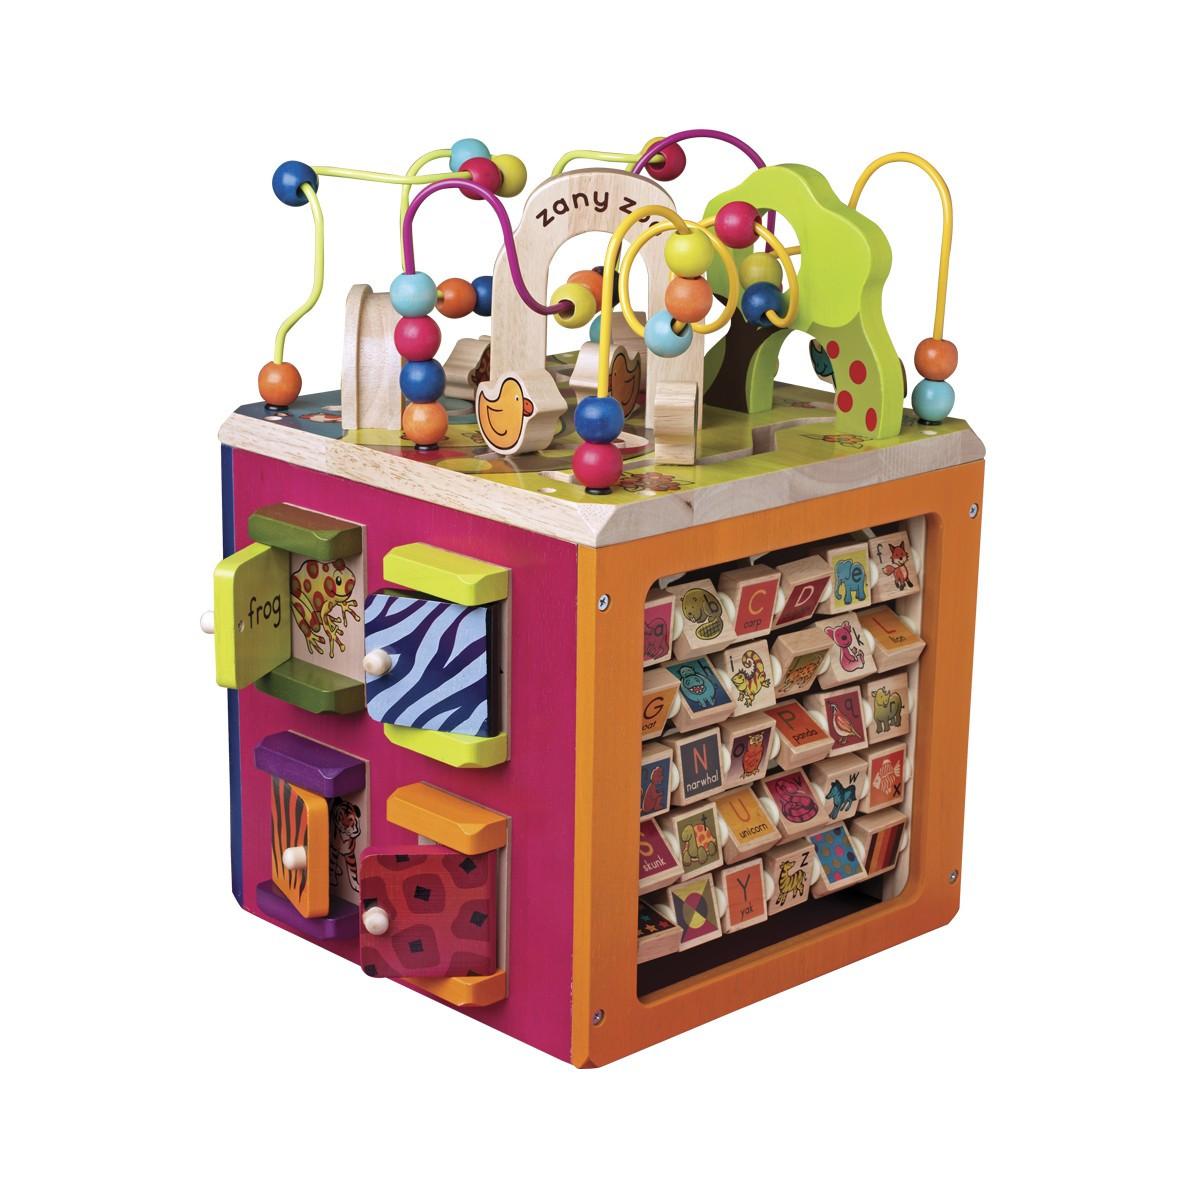 Battat - Развивающая деревянная игрушка - ЗОО-КУБ